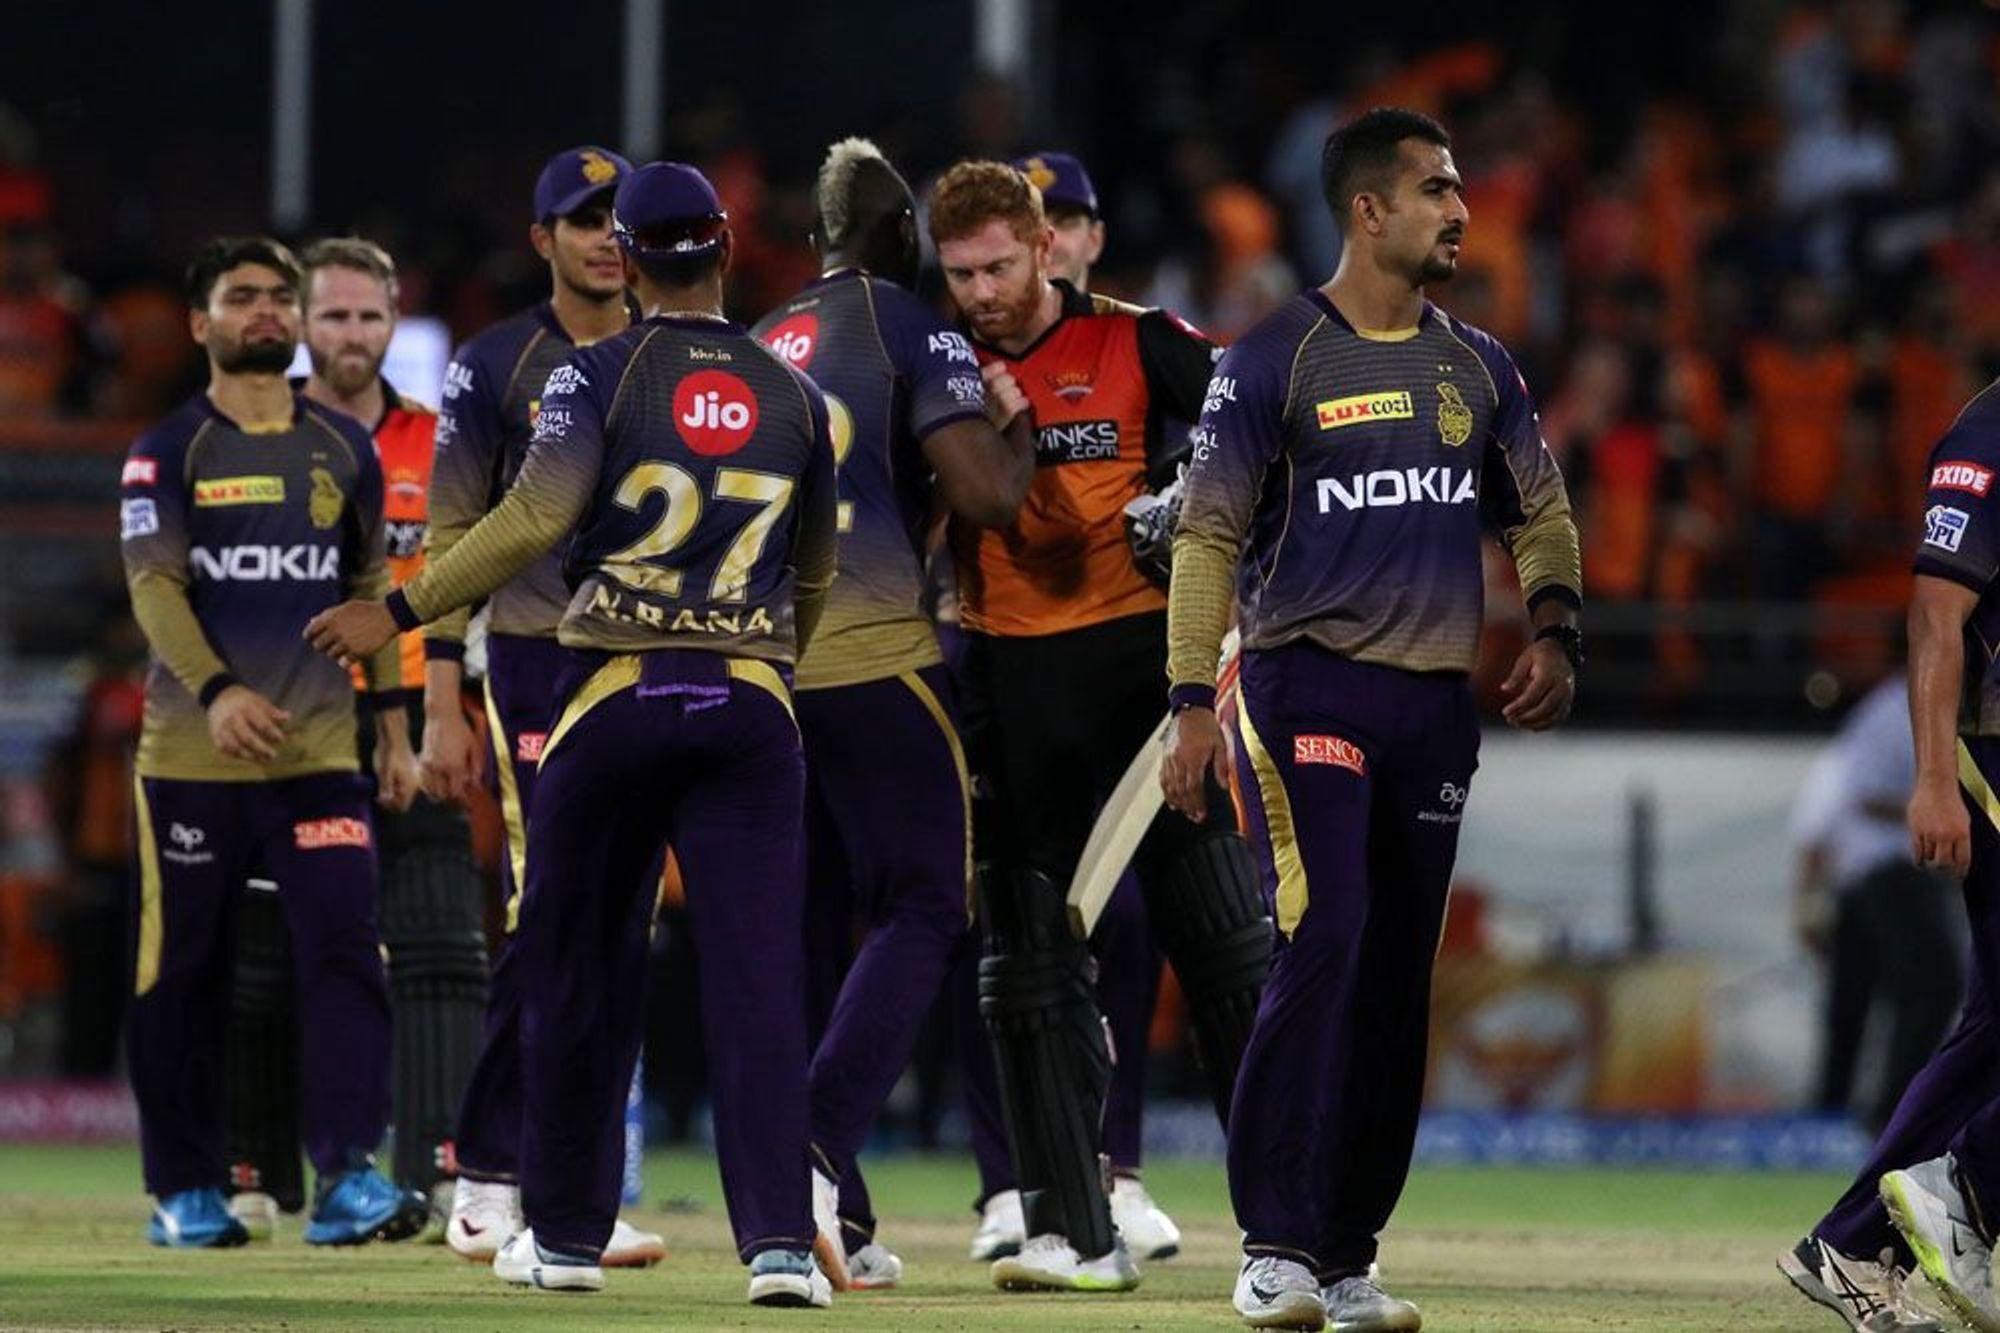 IPL 2019: सनराइजर्स हैदराबाद के खिलाफ कोलकाता नाईट राइडर्स की हार के ये रहे 3 प्रमुख कारण 2